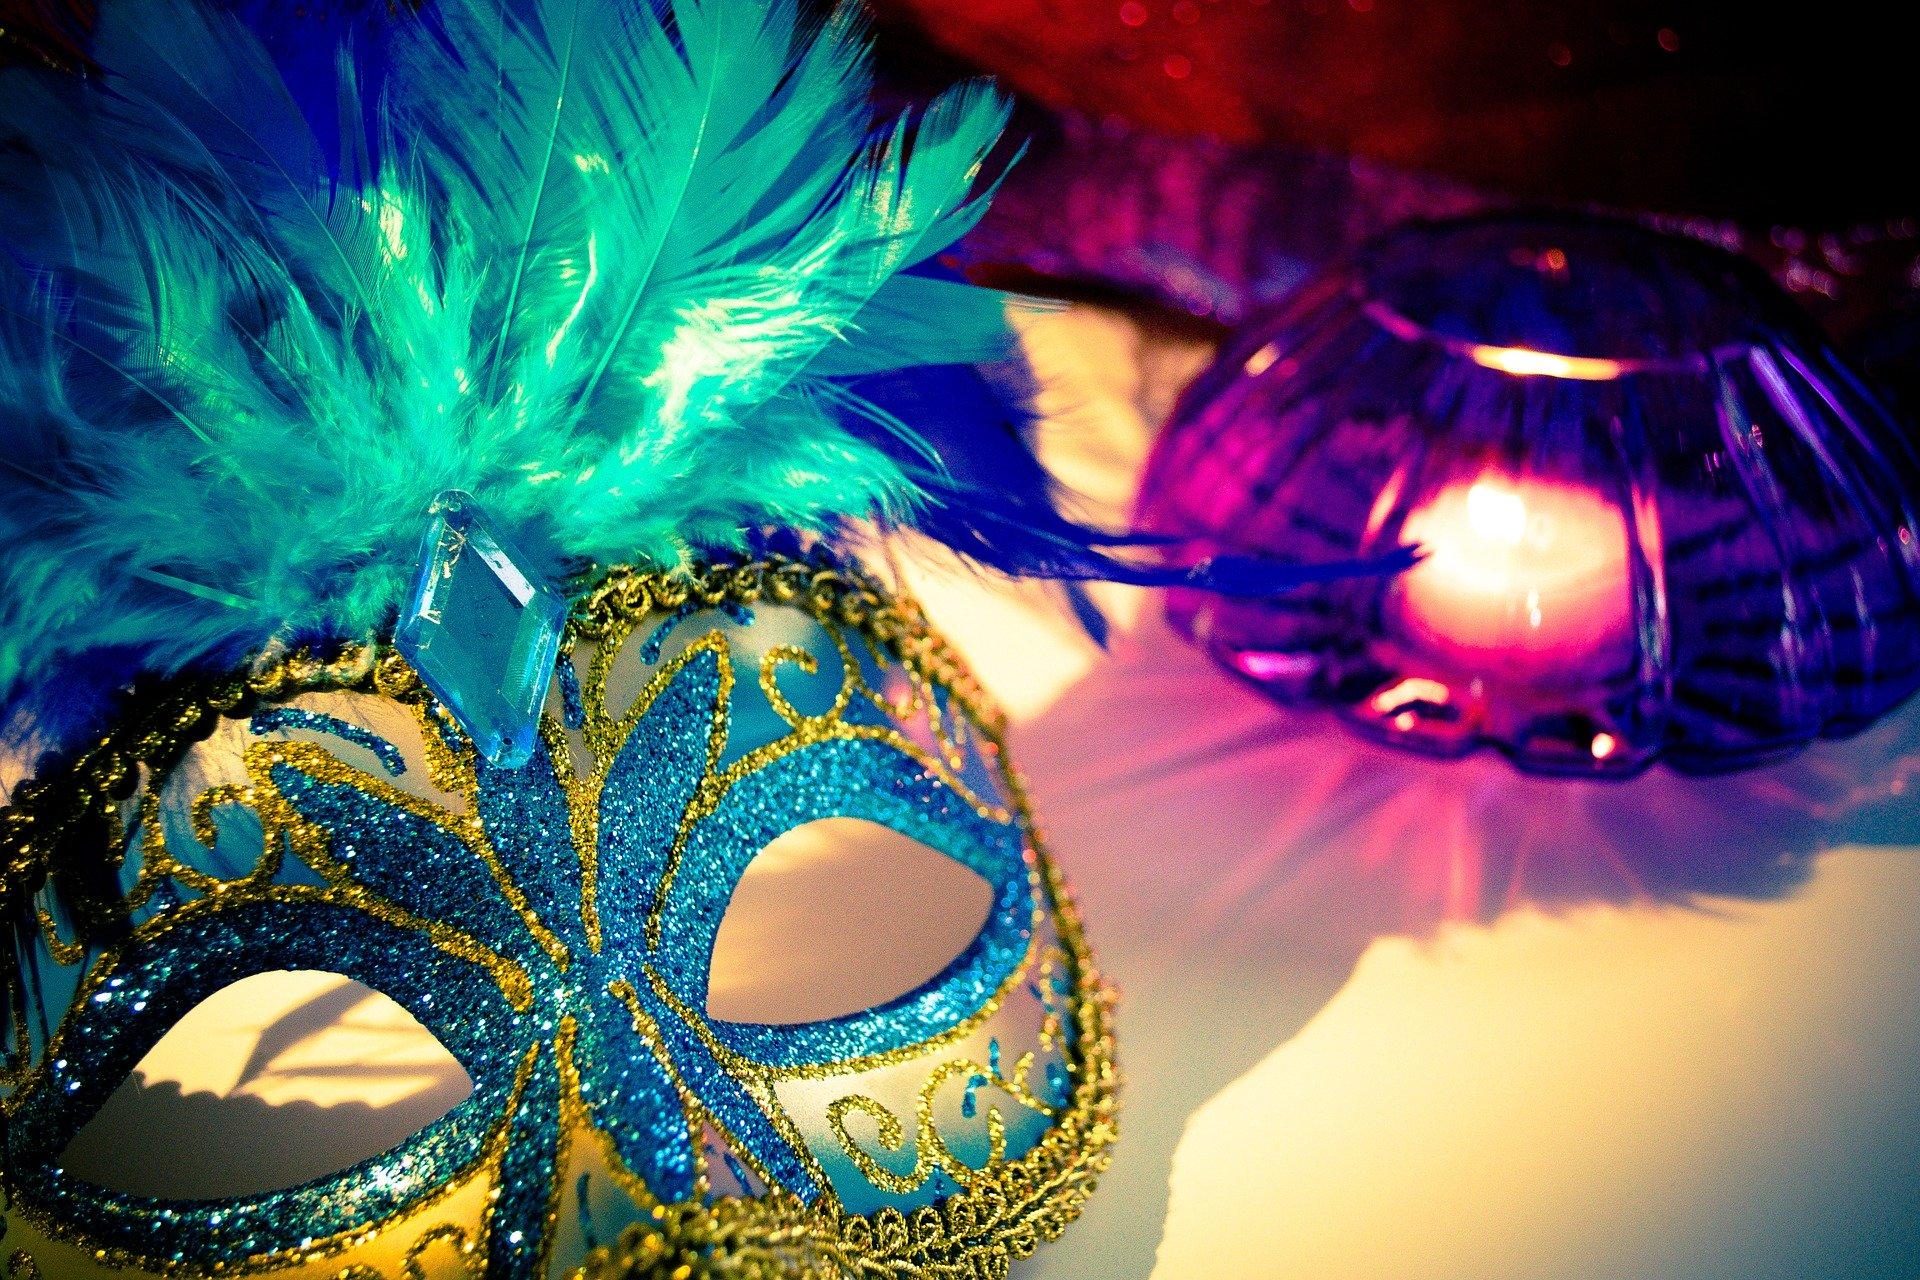 Melhor destino para viajar no Carnaval em SP